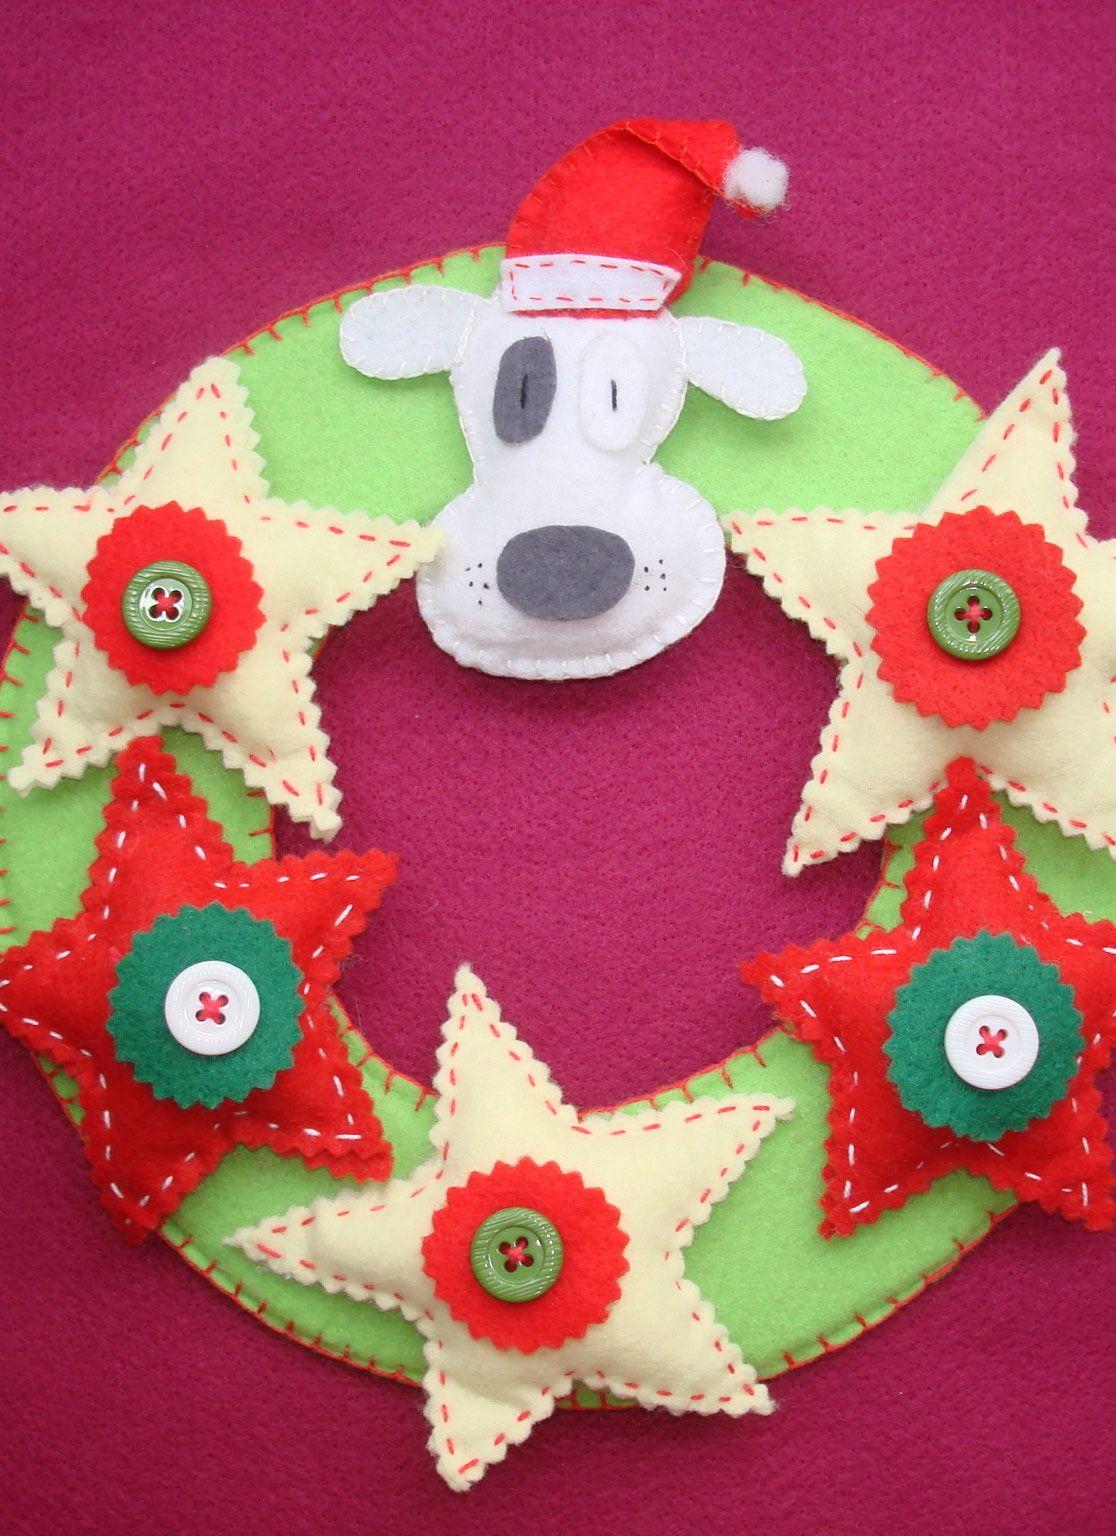 Guirlanda simples de feltro com rosto de cachorrinho, estrelas e botões